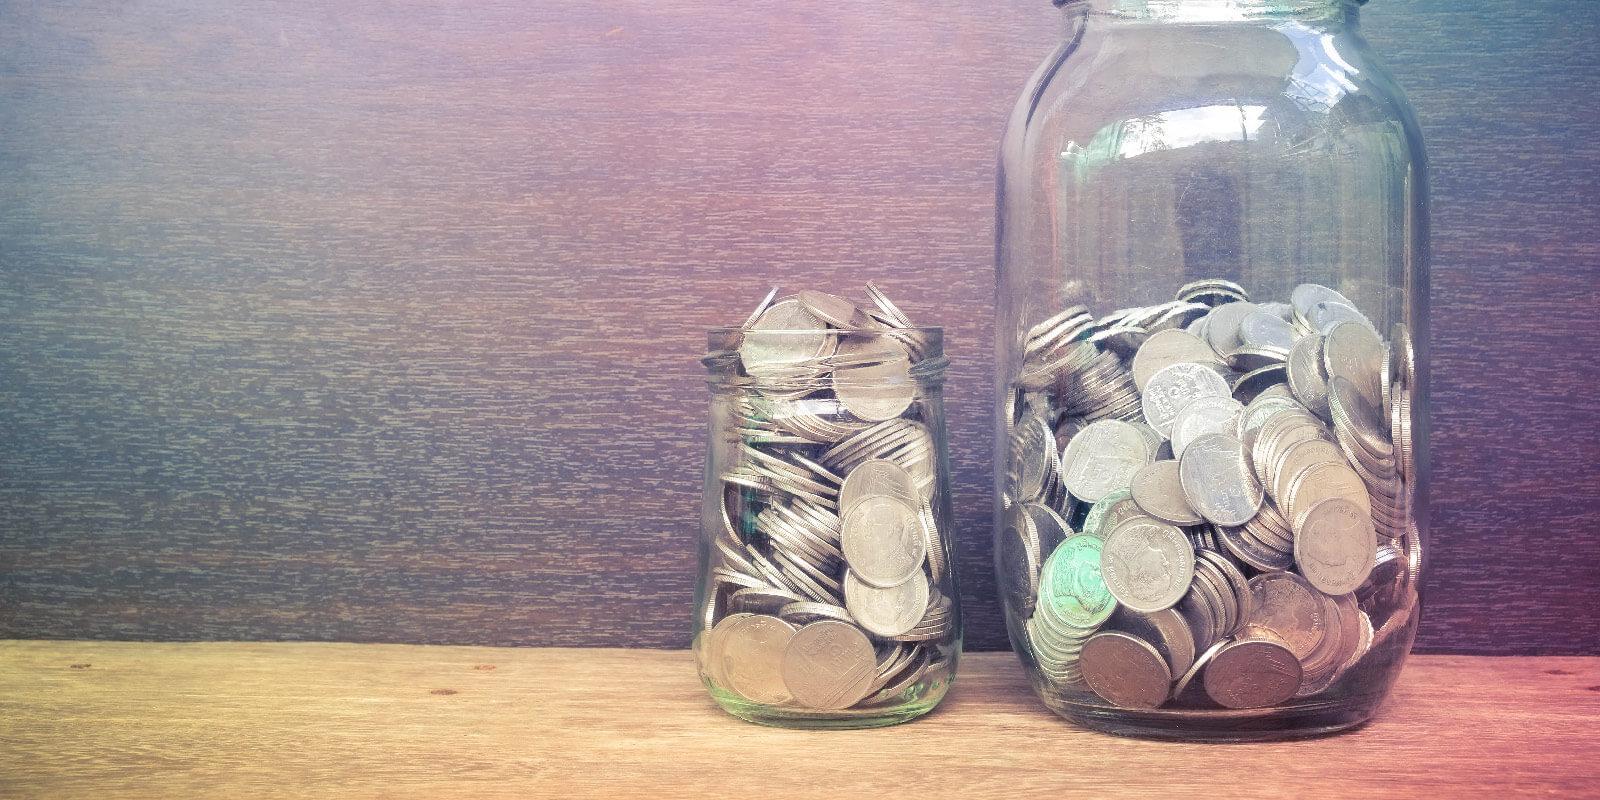 Münzen in einem Glas: Kommt durchs Praktikum Geld zusammen?